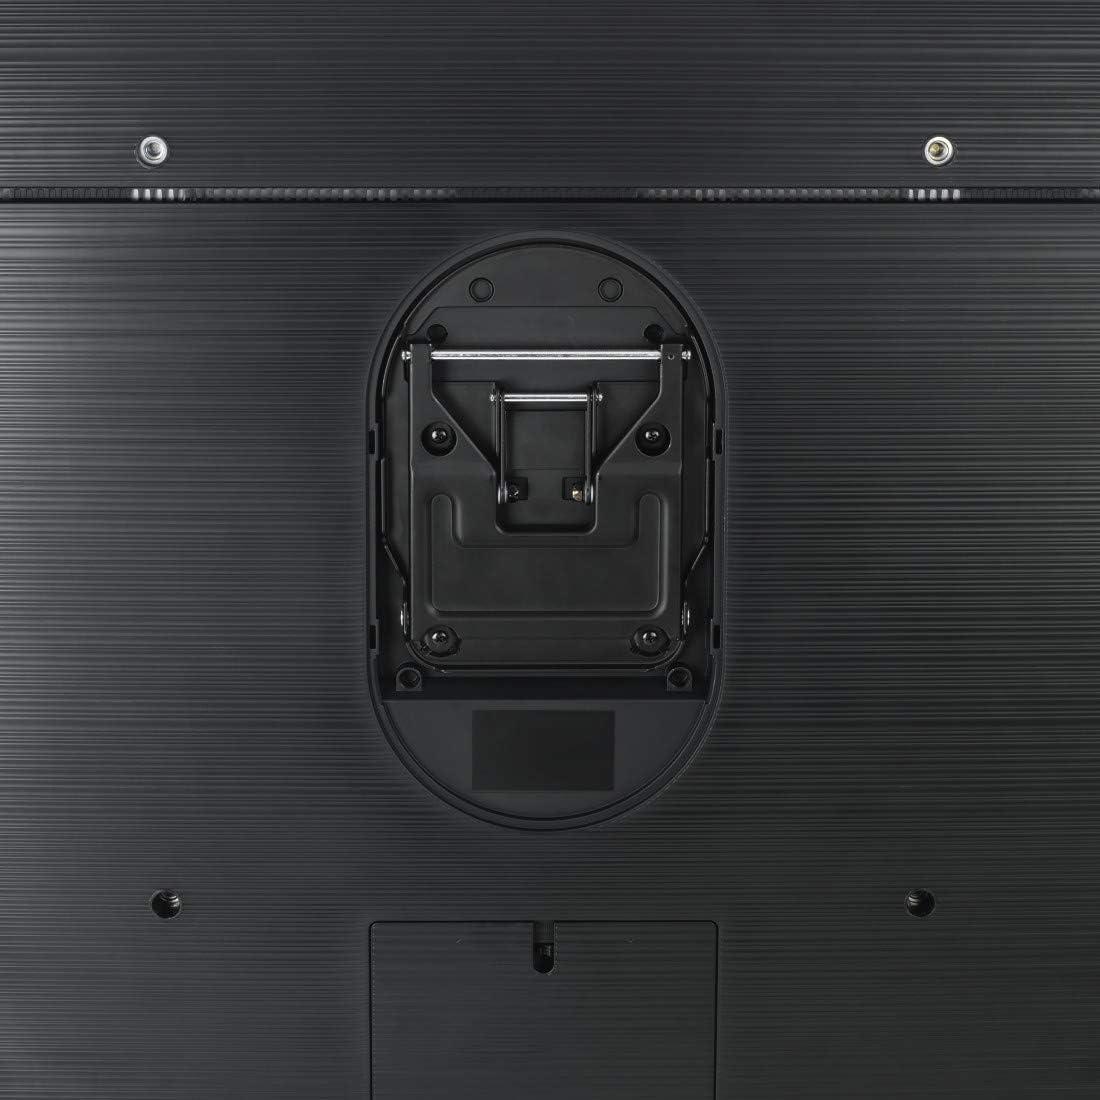 und Set Wandhalterung Nur f/ür kompatible Ger/äte mit YI-Heimkamera 3 Wandmontage 360-Grad-Schwenkhalterung Geh/äuseabdeckung f/ür kompatible Ger/äte mit YI 1080p 720p-Heimkamera 3 Au/ßen 2PCS